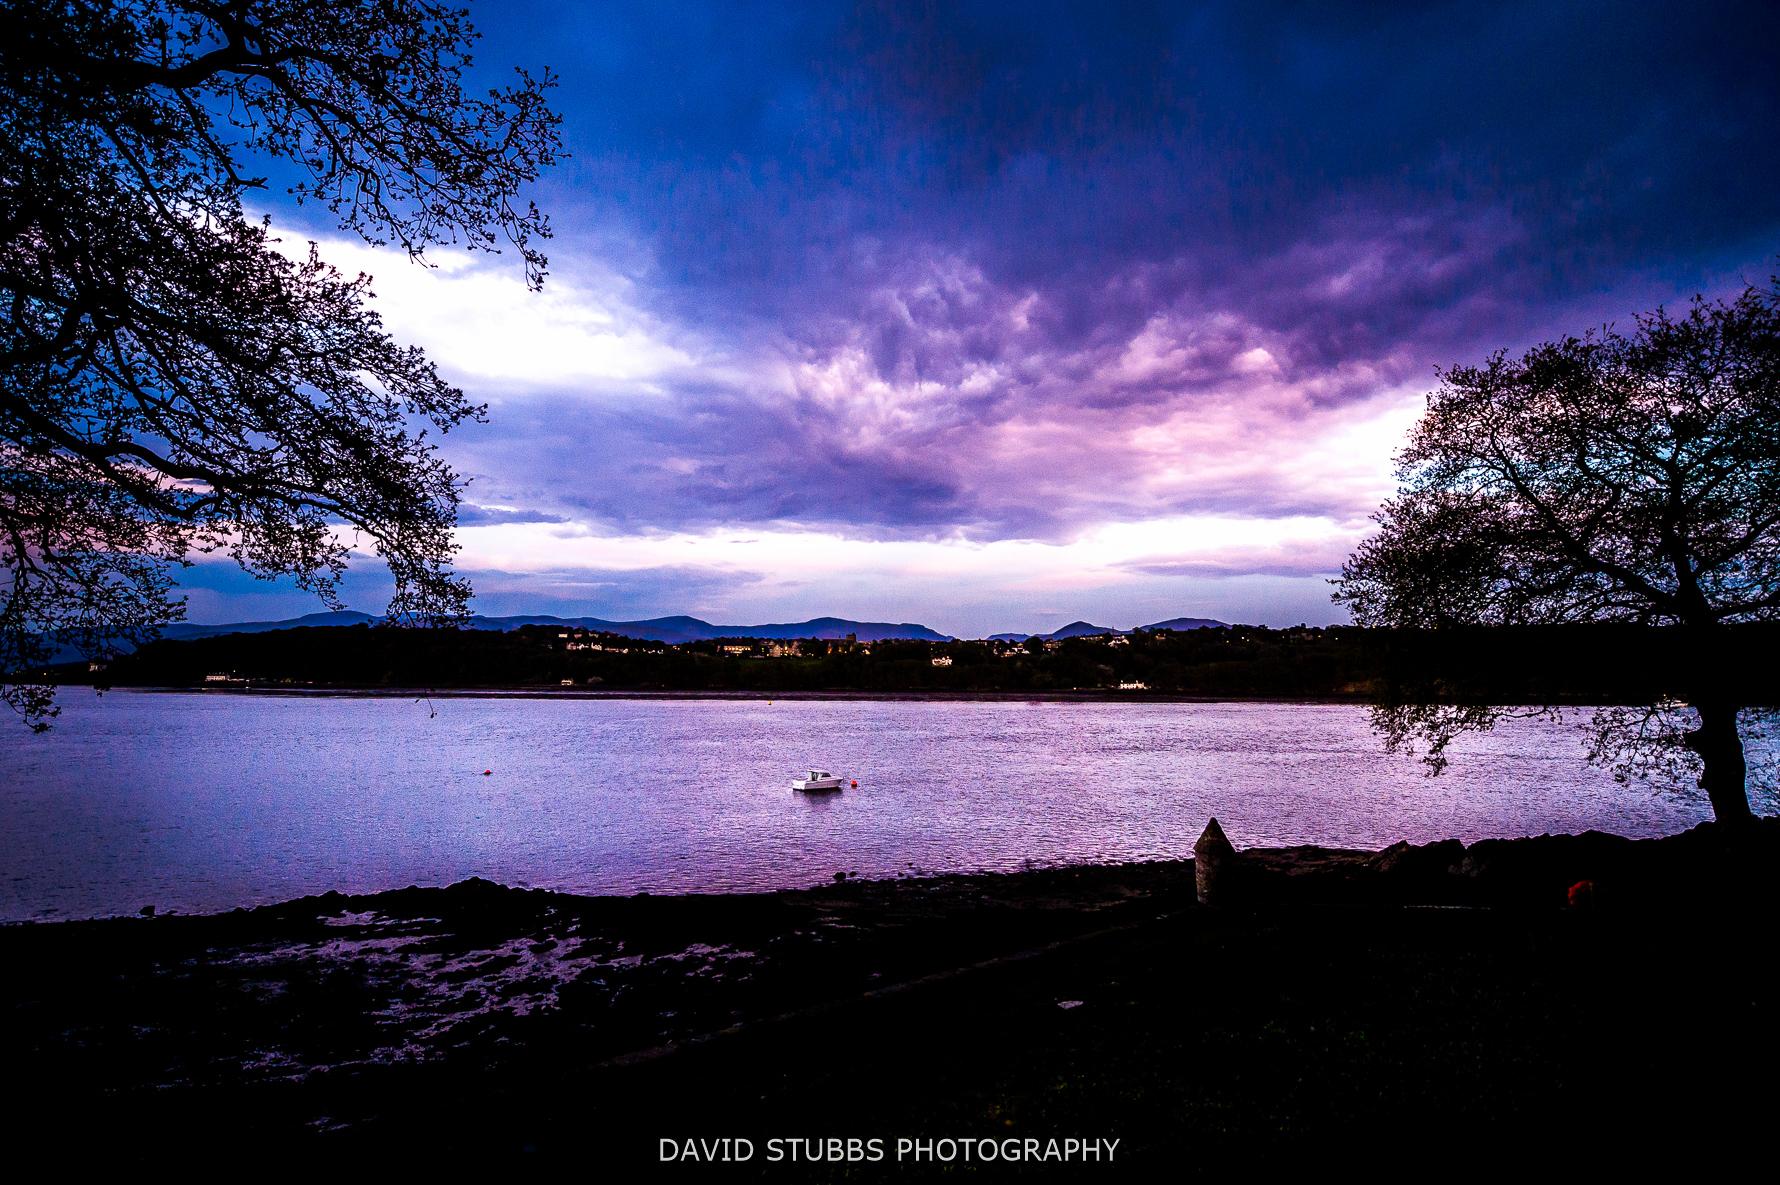 evening photo of menai strait